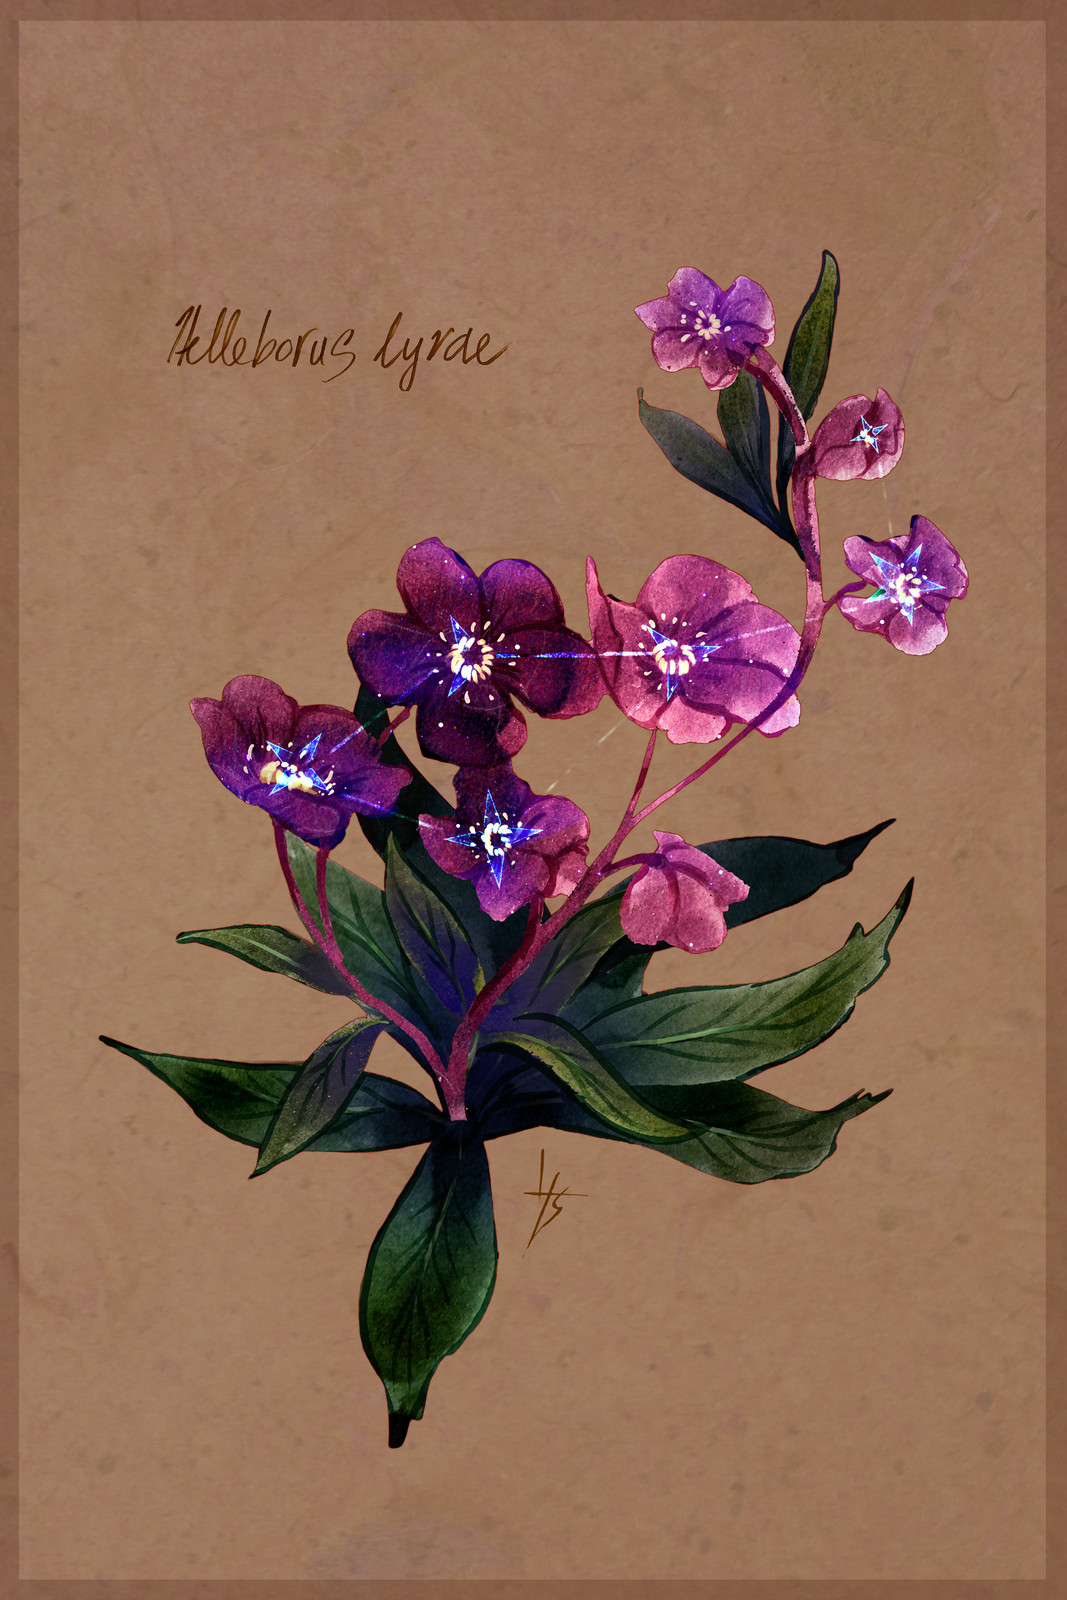 Helleborus lyrae